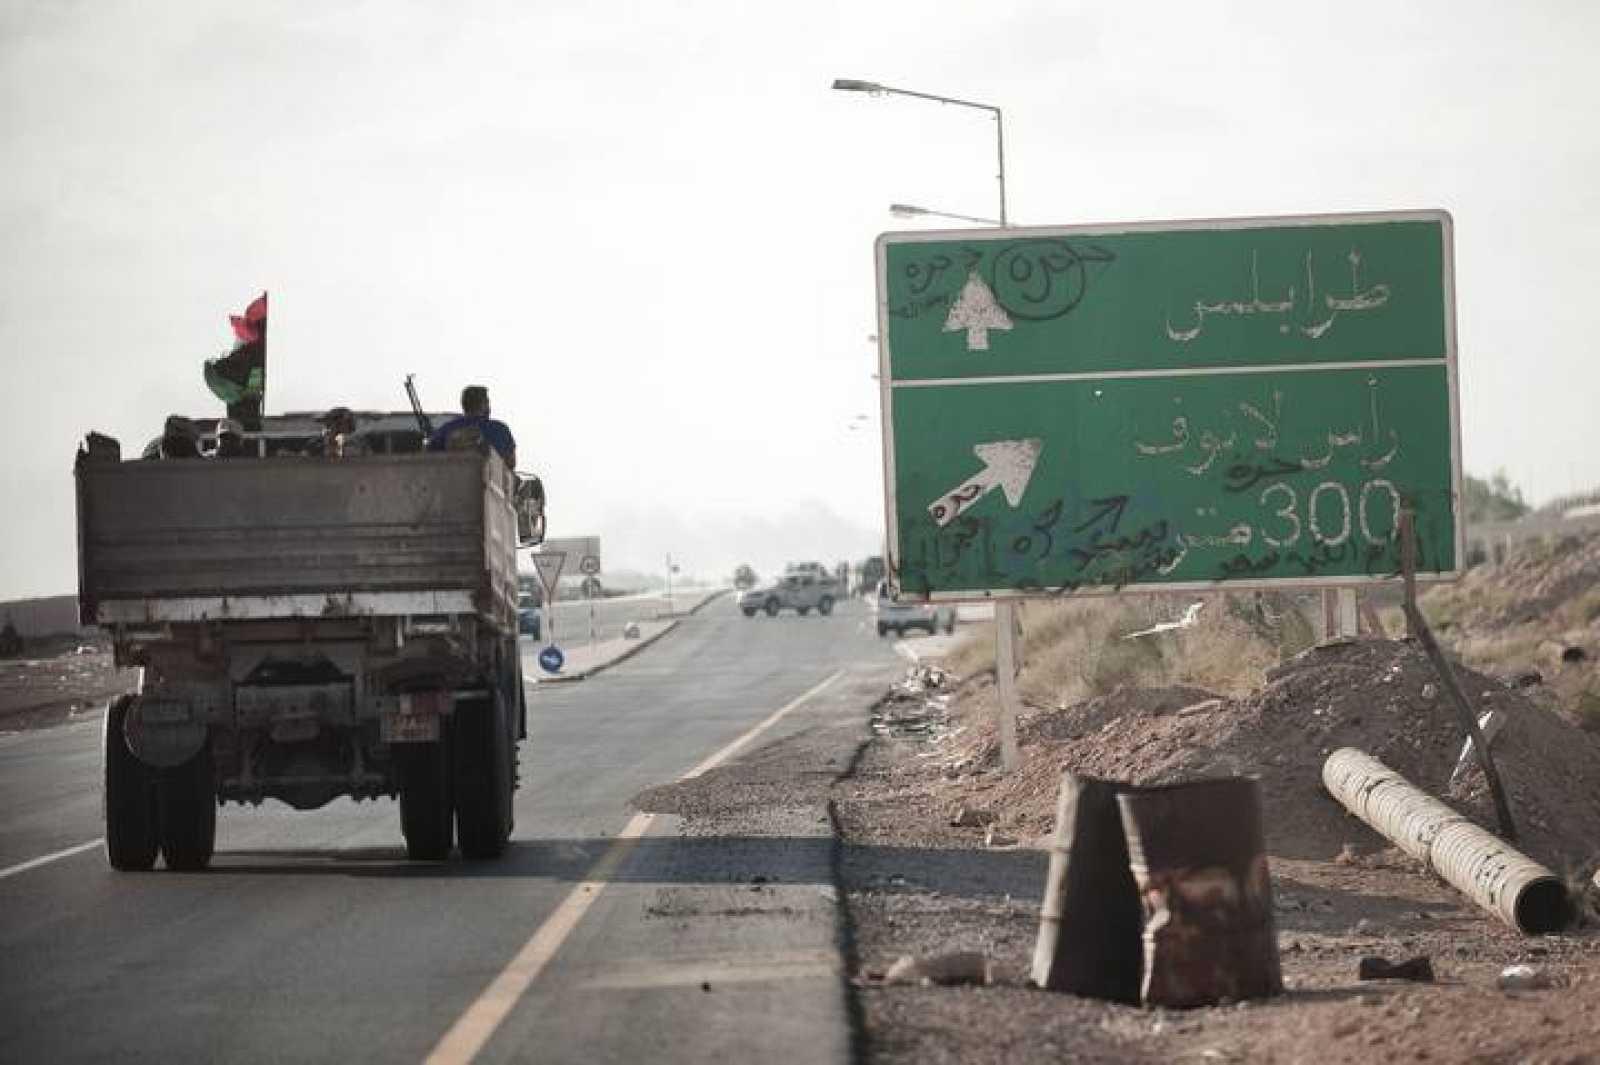 Un camión usado por los rebeldes circula por la ciudad de Ras Lanuf, al este del país